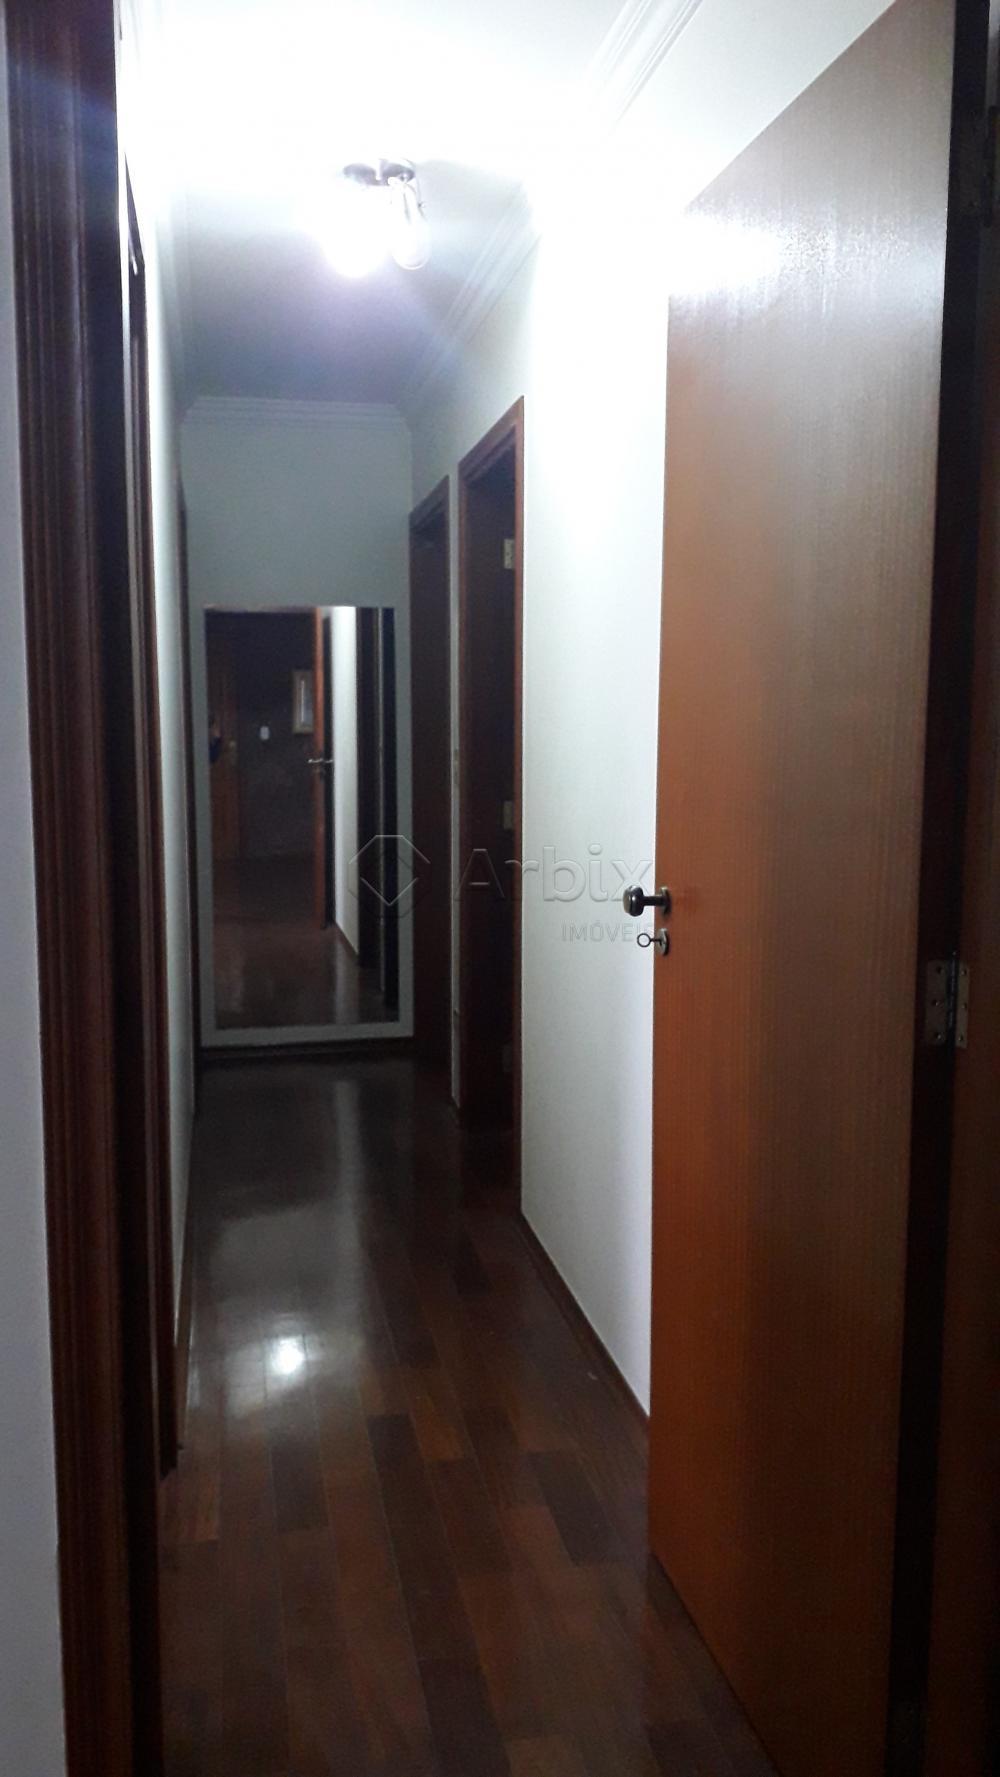 Alugar Apartamento / Padrão em Americana apenas R$ 1.200,00 - Foto 10